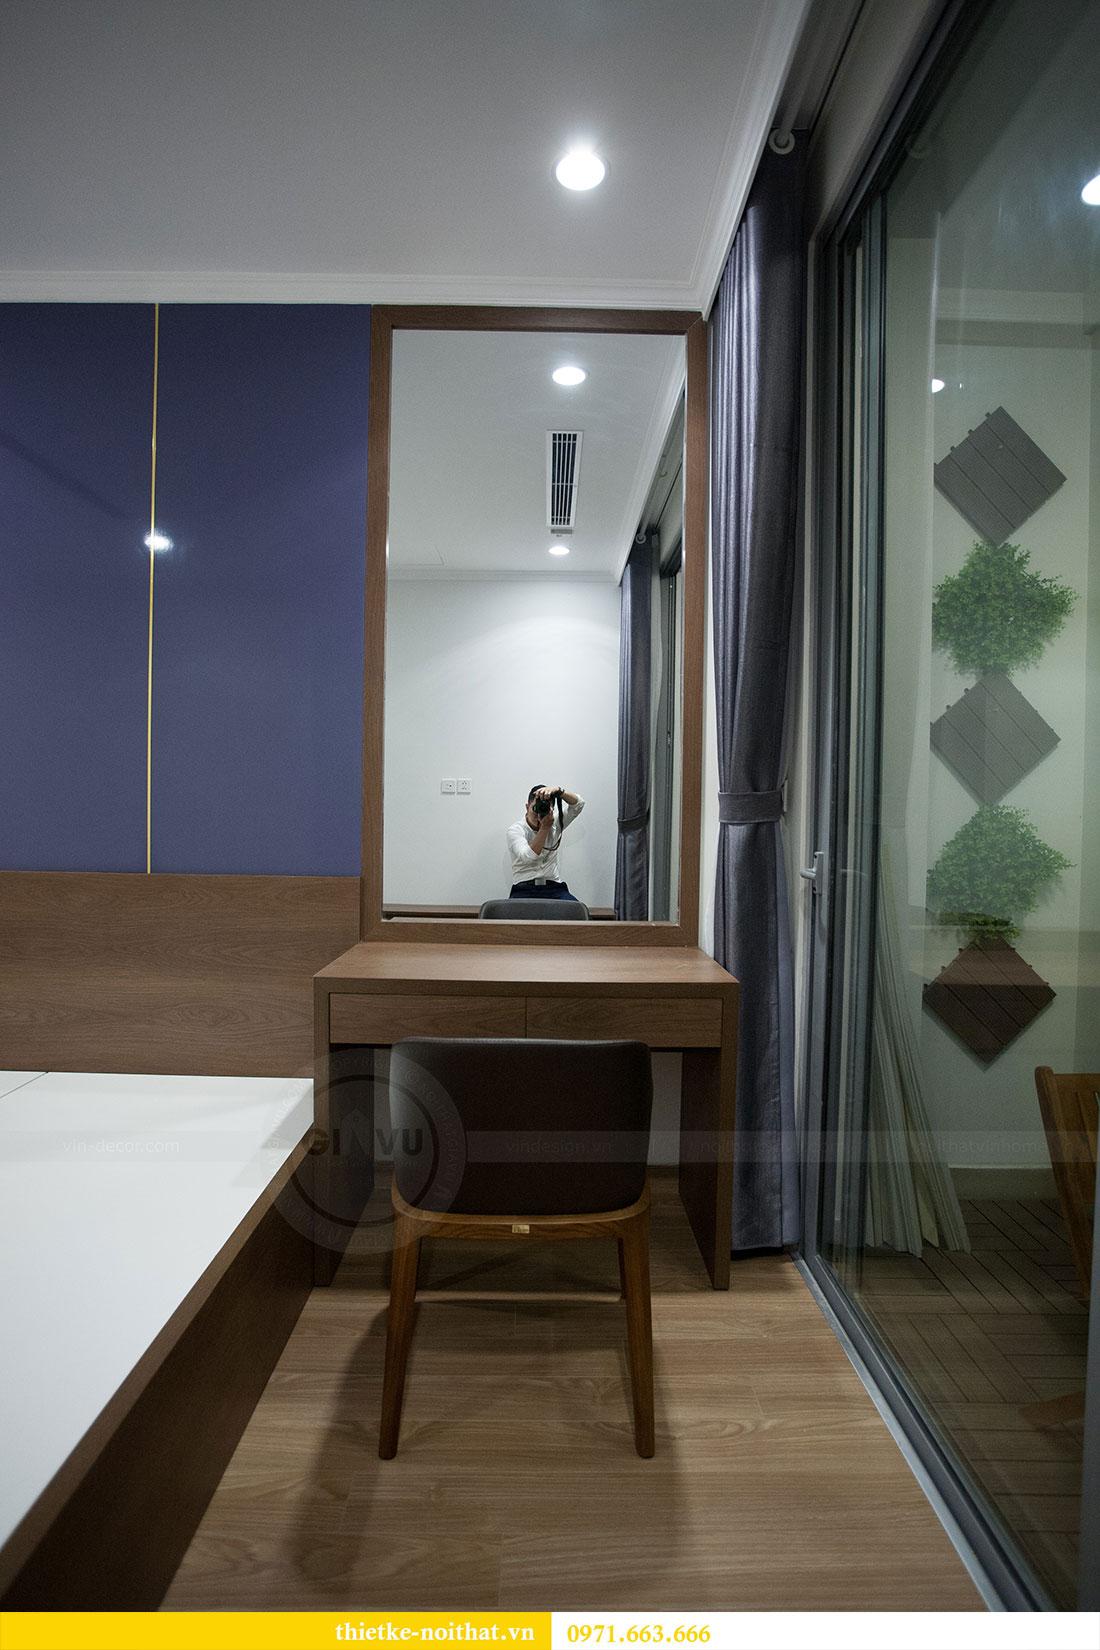 Thi công nội thất trọn gói tại Hà Nội - Lh 0971663666 view 13